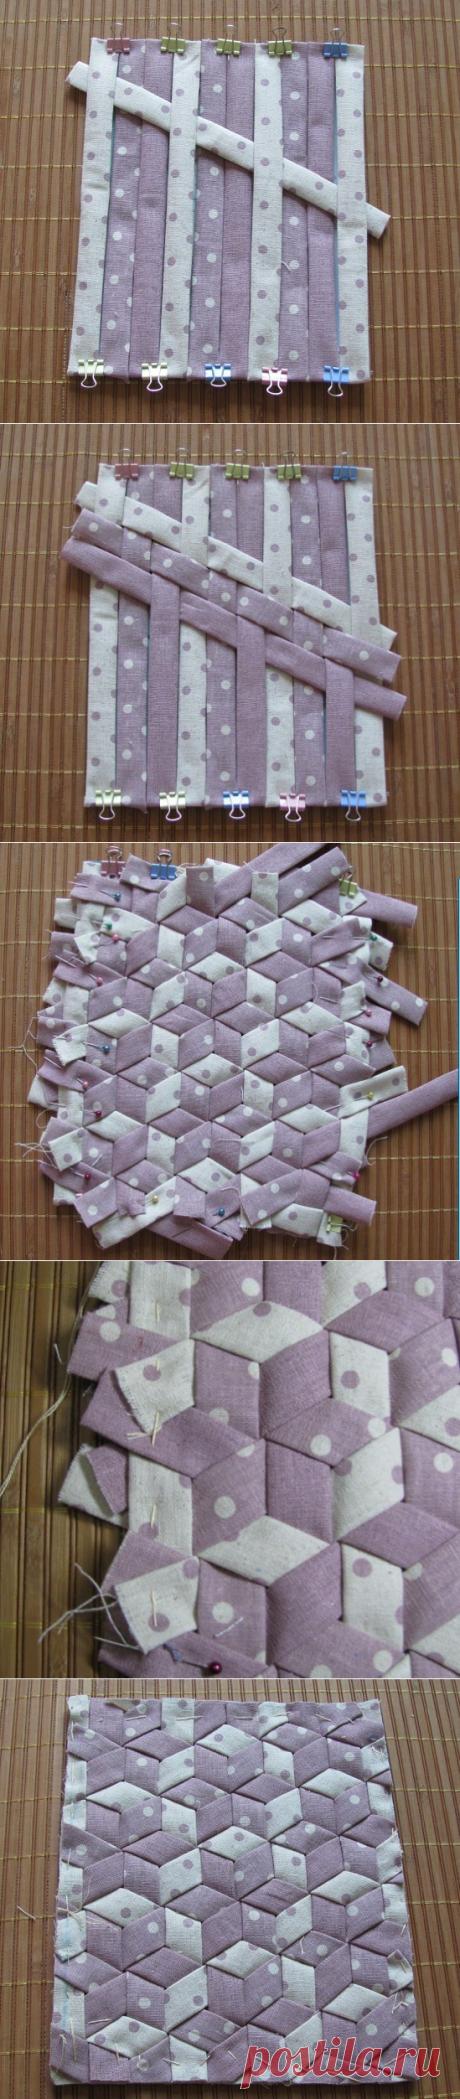 Лоскутное шитьё: японская техника плетения — Сделай сам, идеи для творчества - DIY Ideas